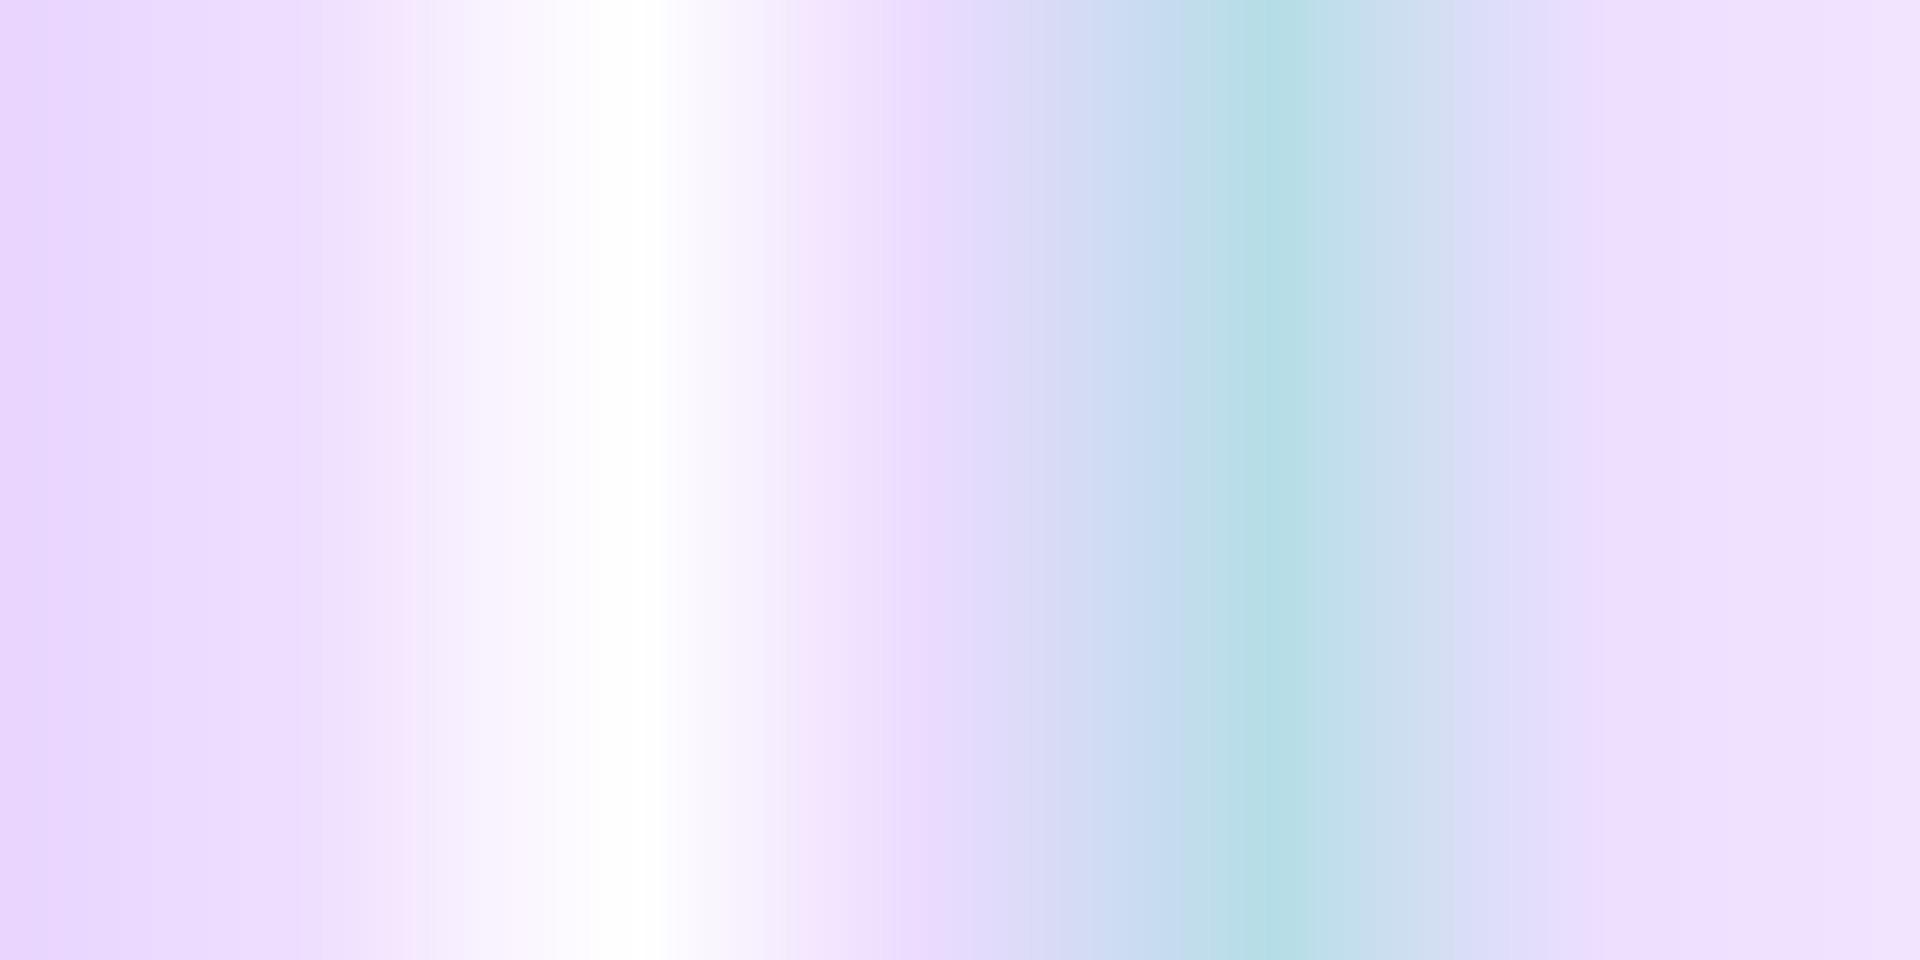 colorful Pastel gradient Chrome color foil texture background. vector